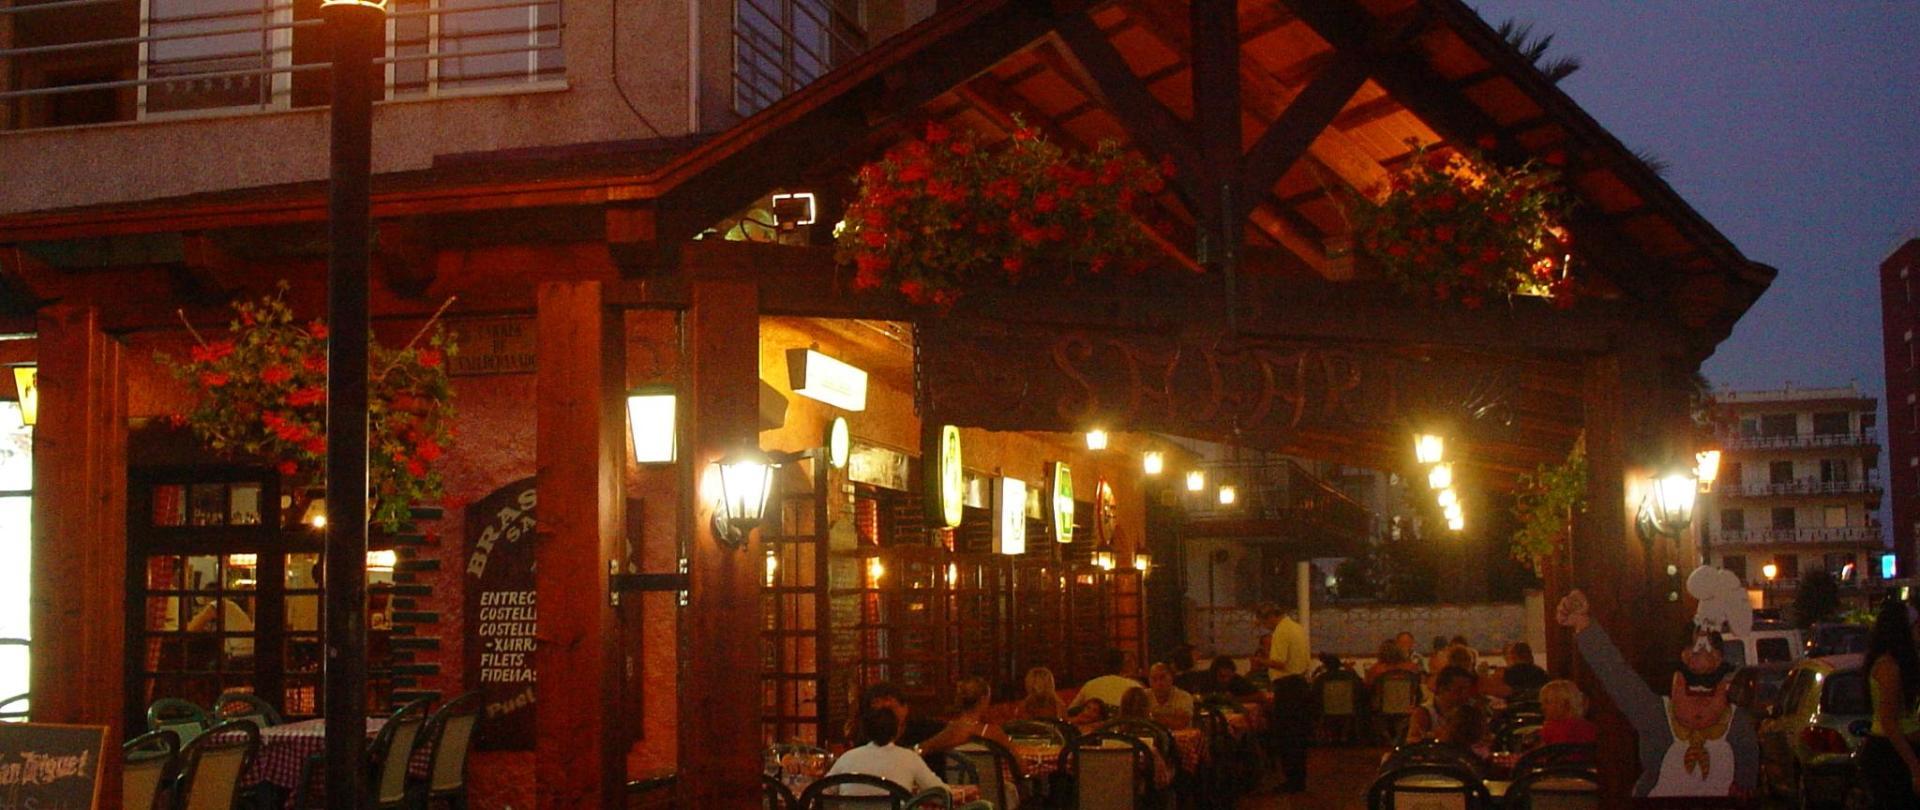 Restaurant Terrace.JPG